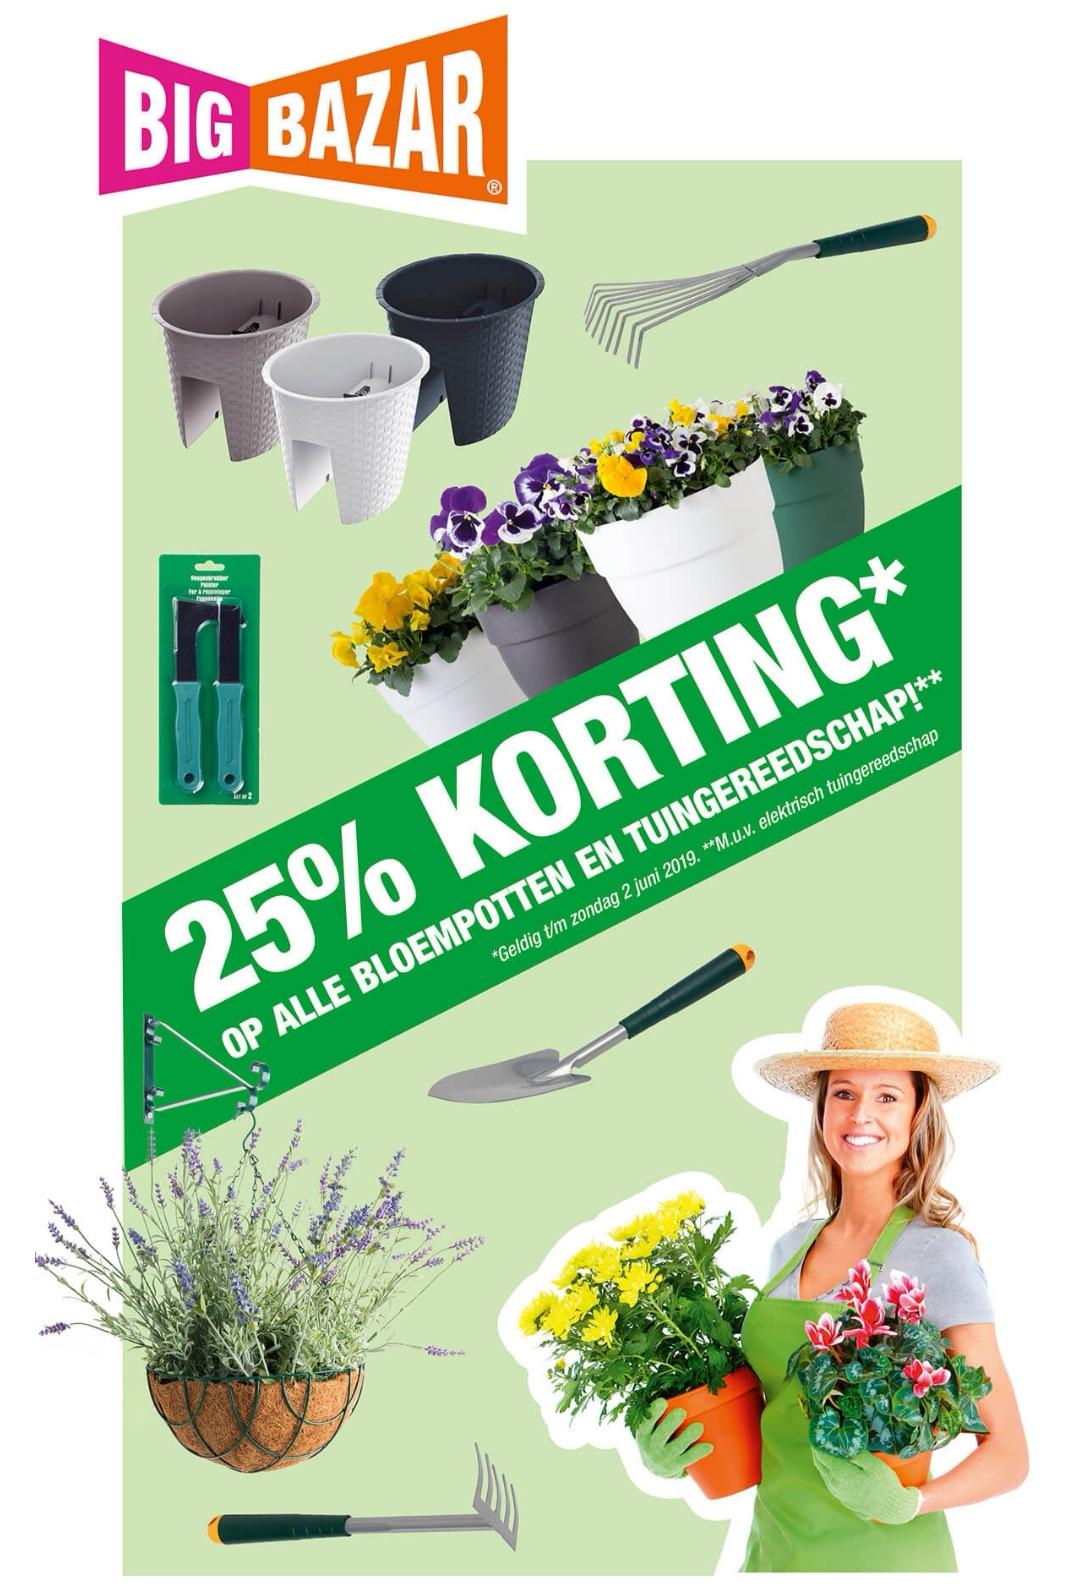 25% korting op alle bloempotten en tuingereedschap